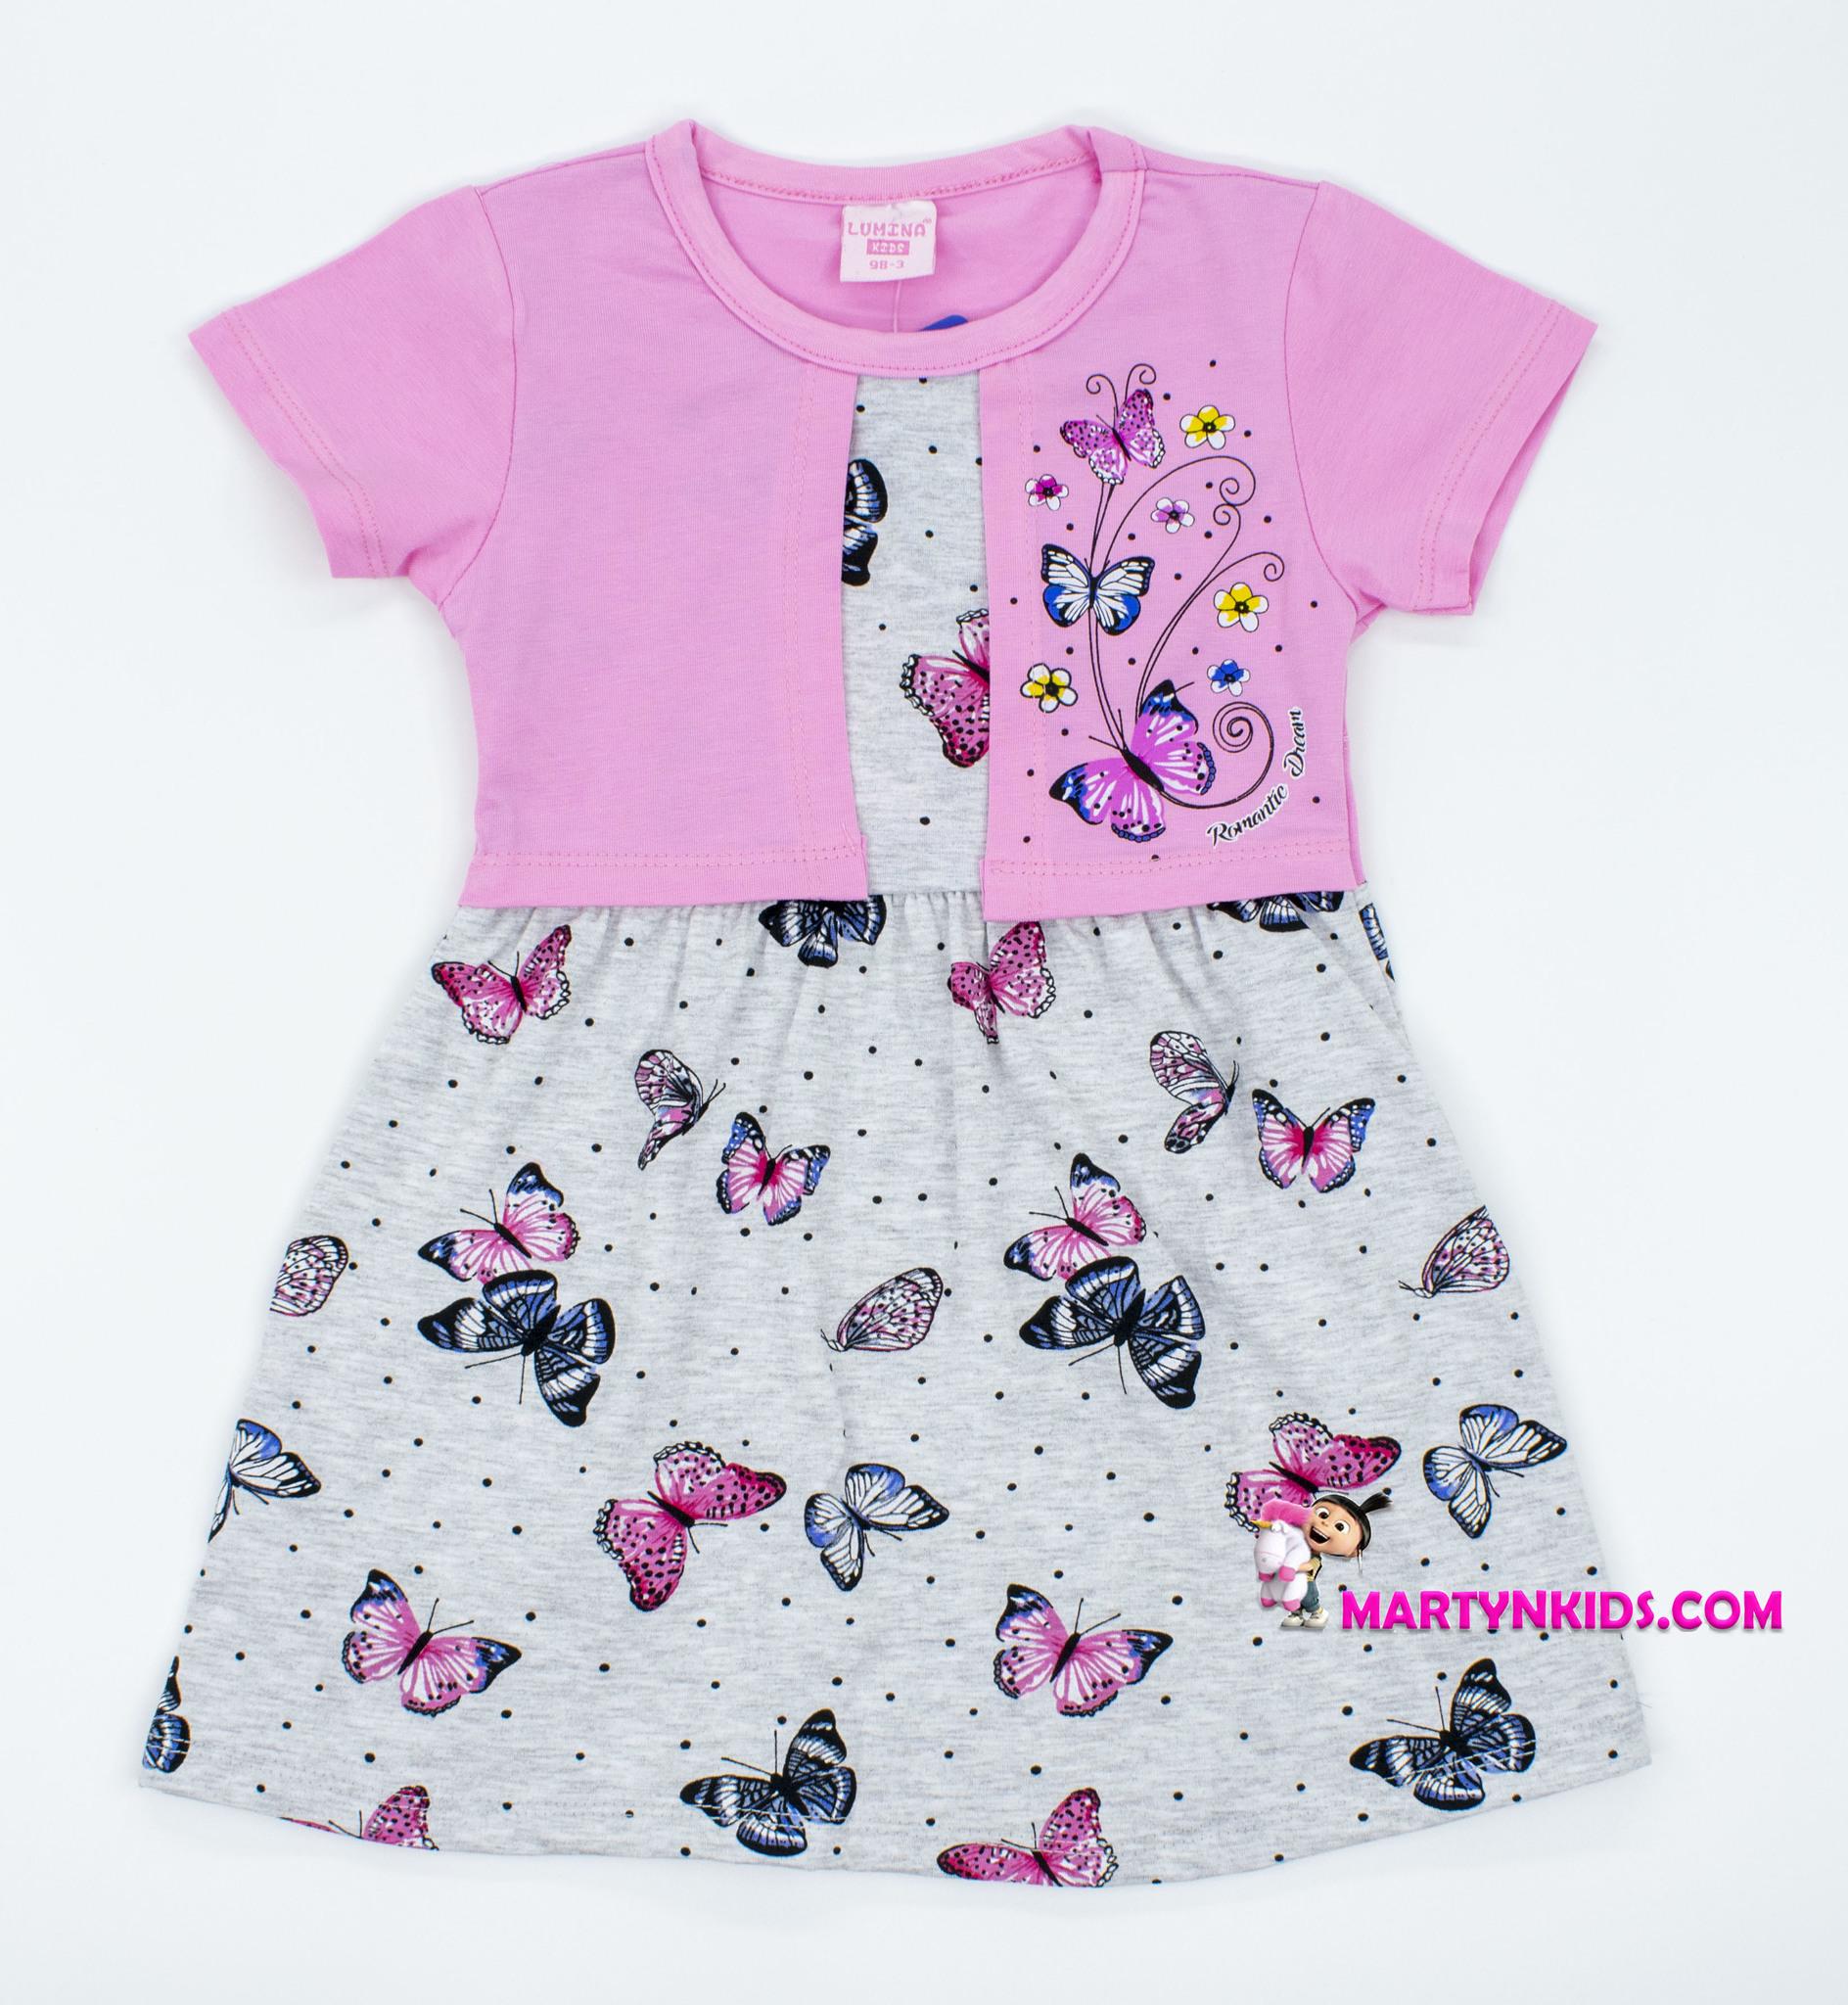 2538 платье Жилетка бабочка серое